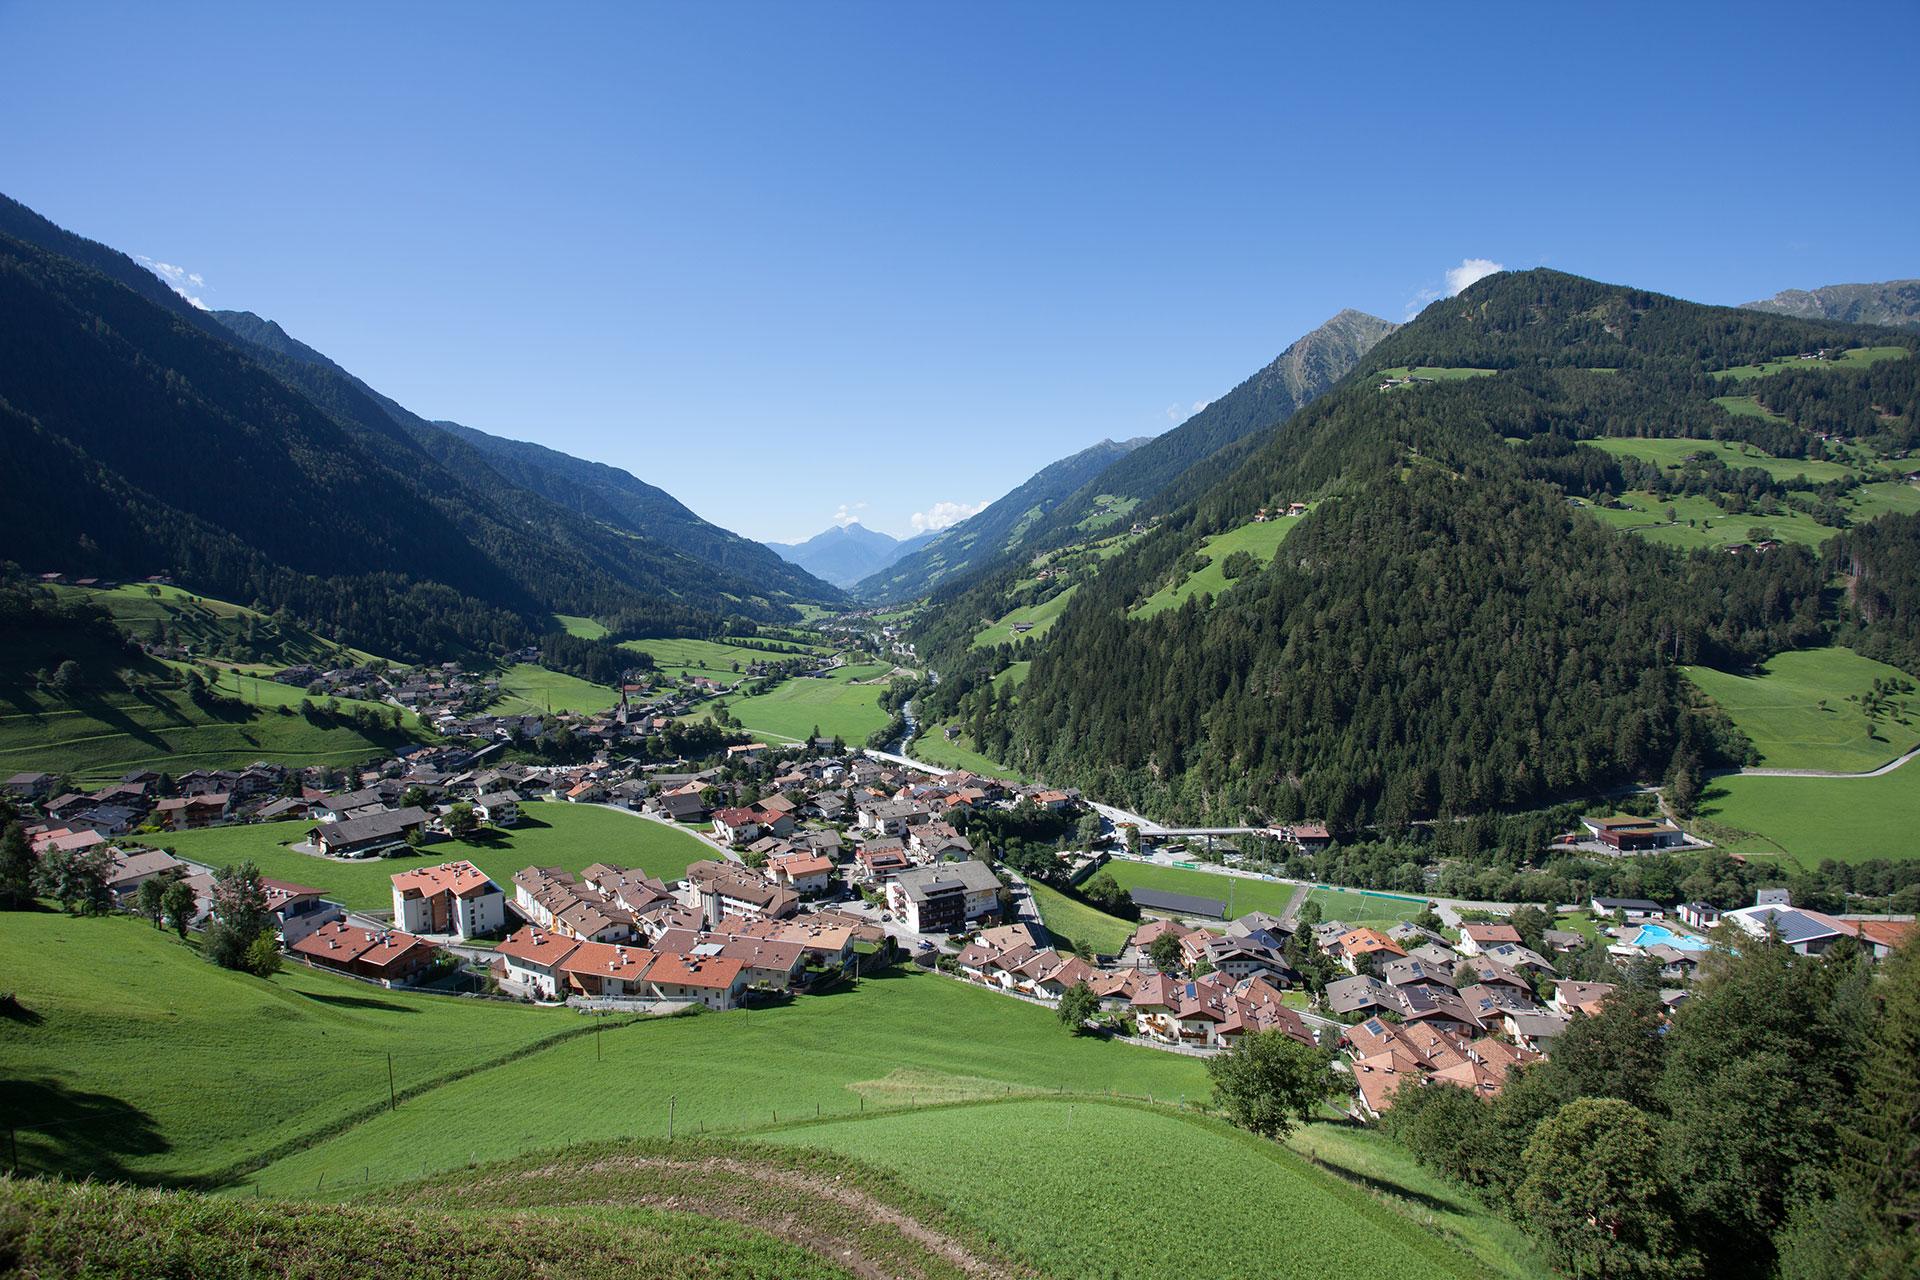 Alpenregionstreffen 2020: Grußworte der 5 Passeirer Gemeinden